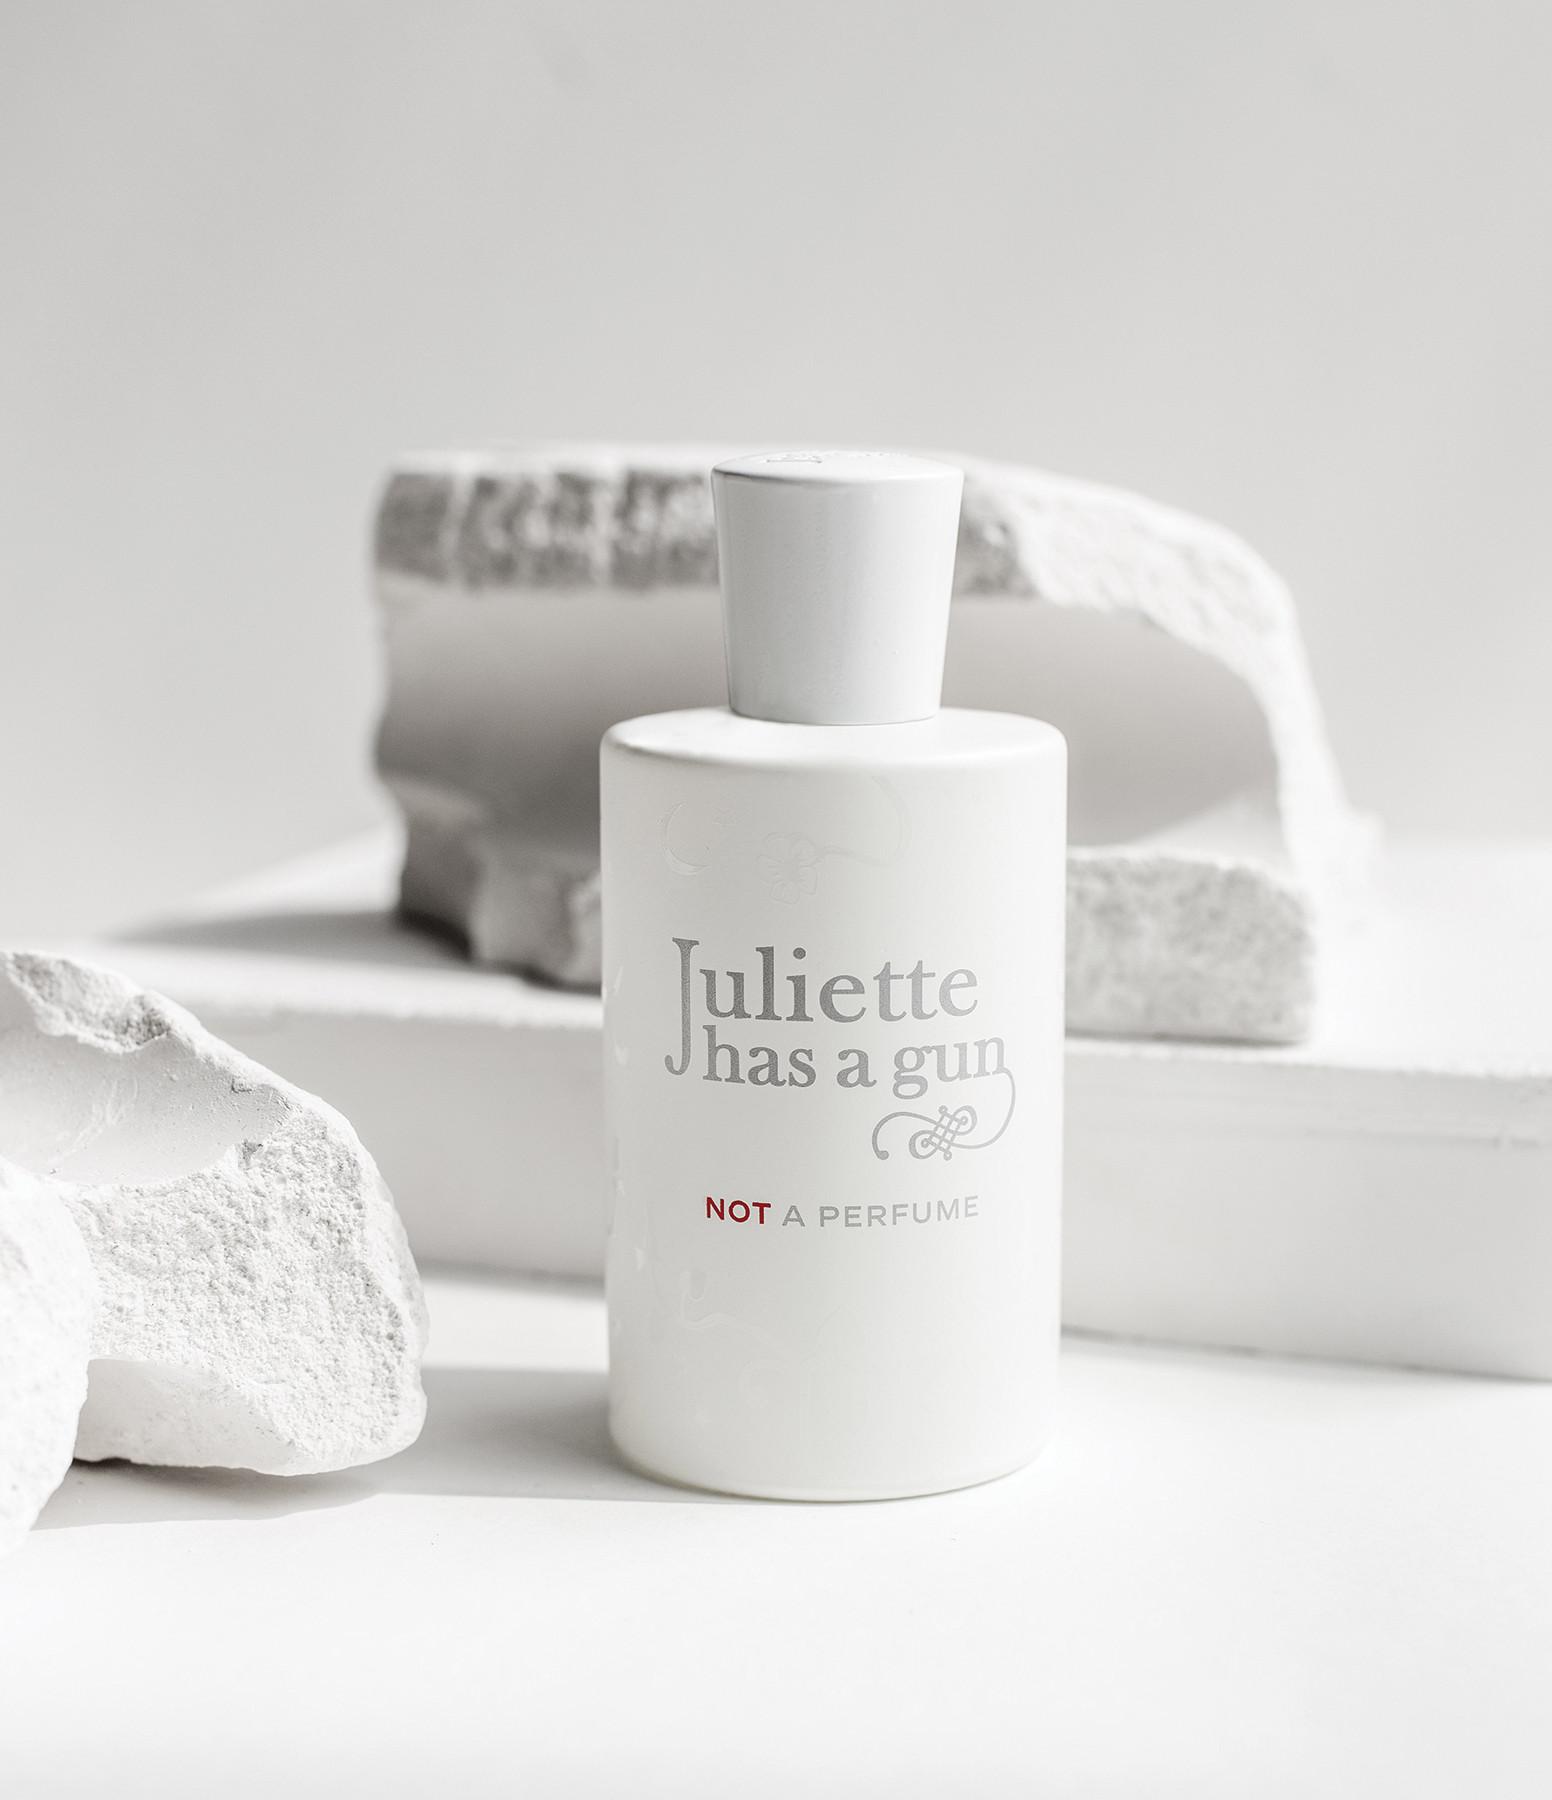 JULIETTE HAS A GUN - Eau de Parfum Not a Perfume 100 ml